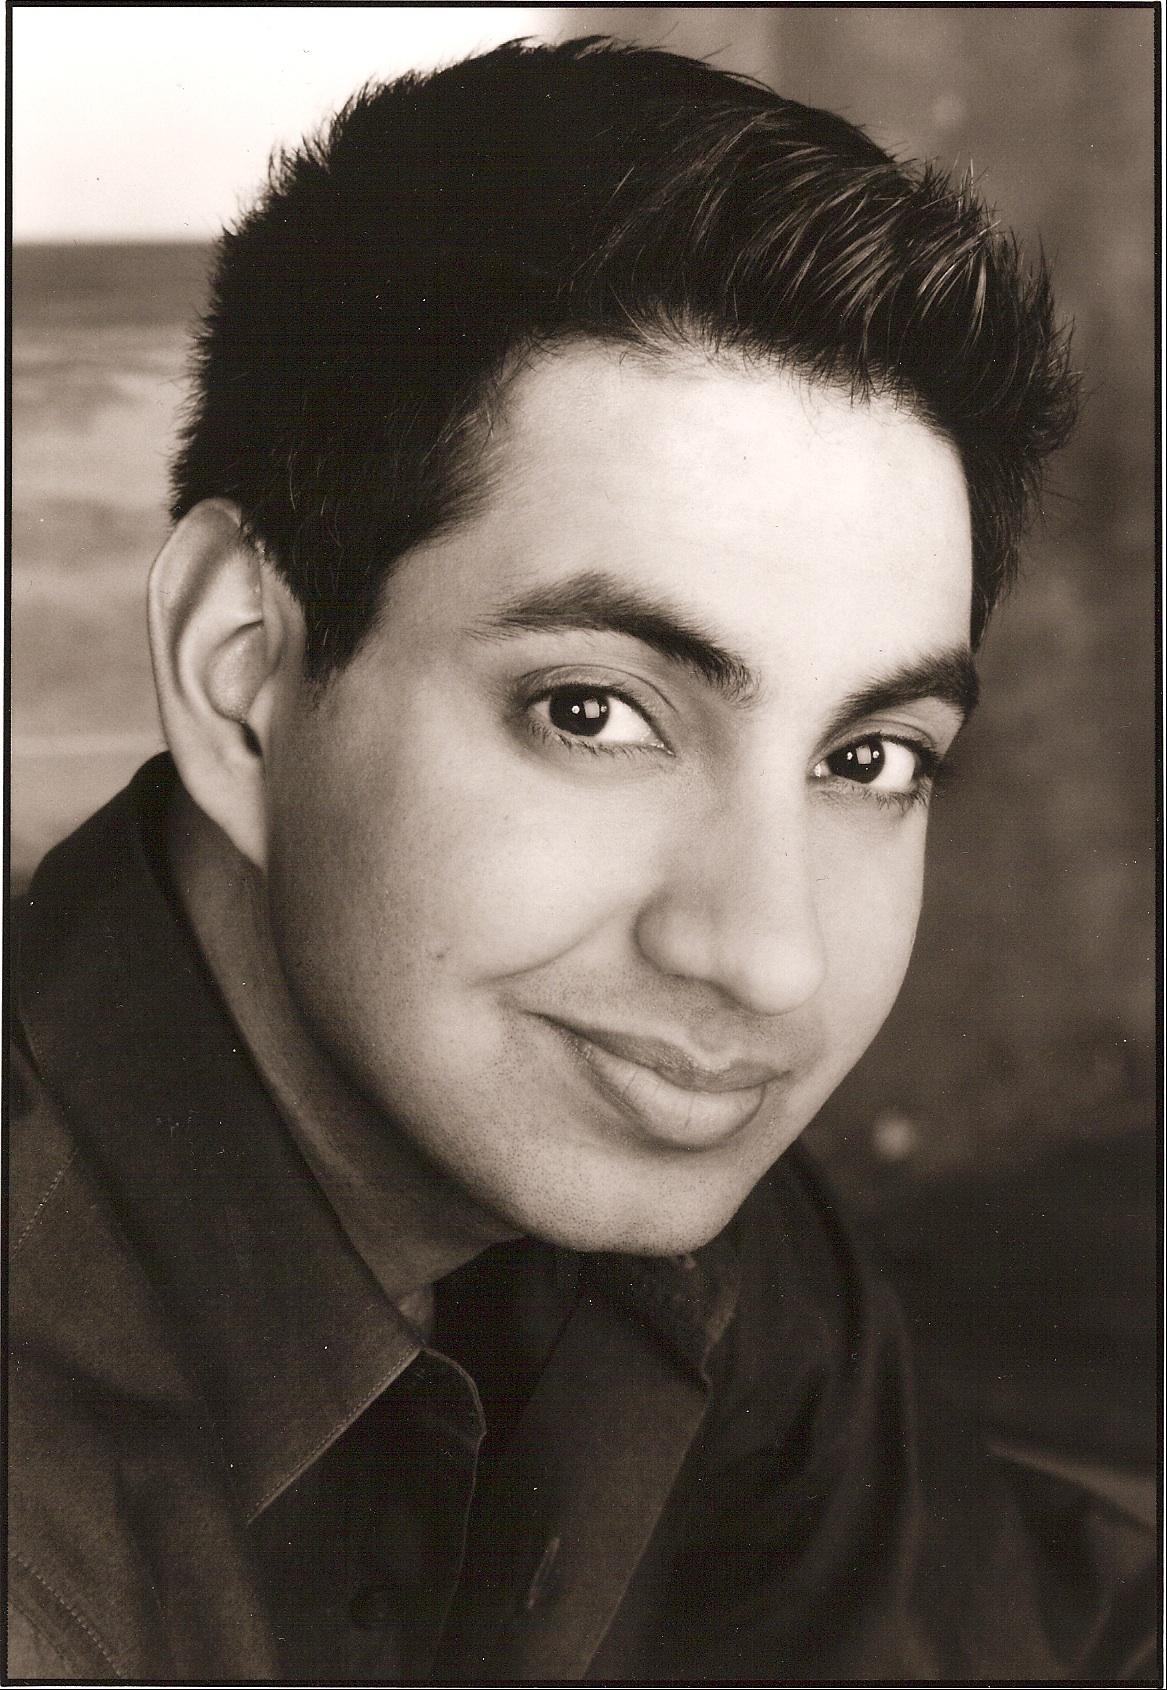 Anand Chulani